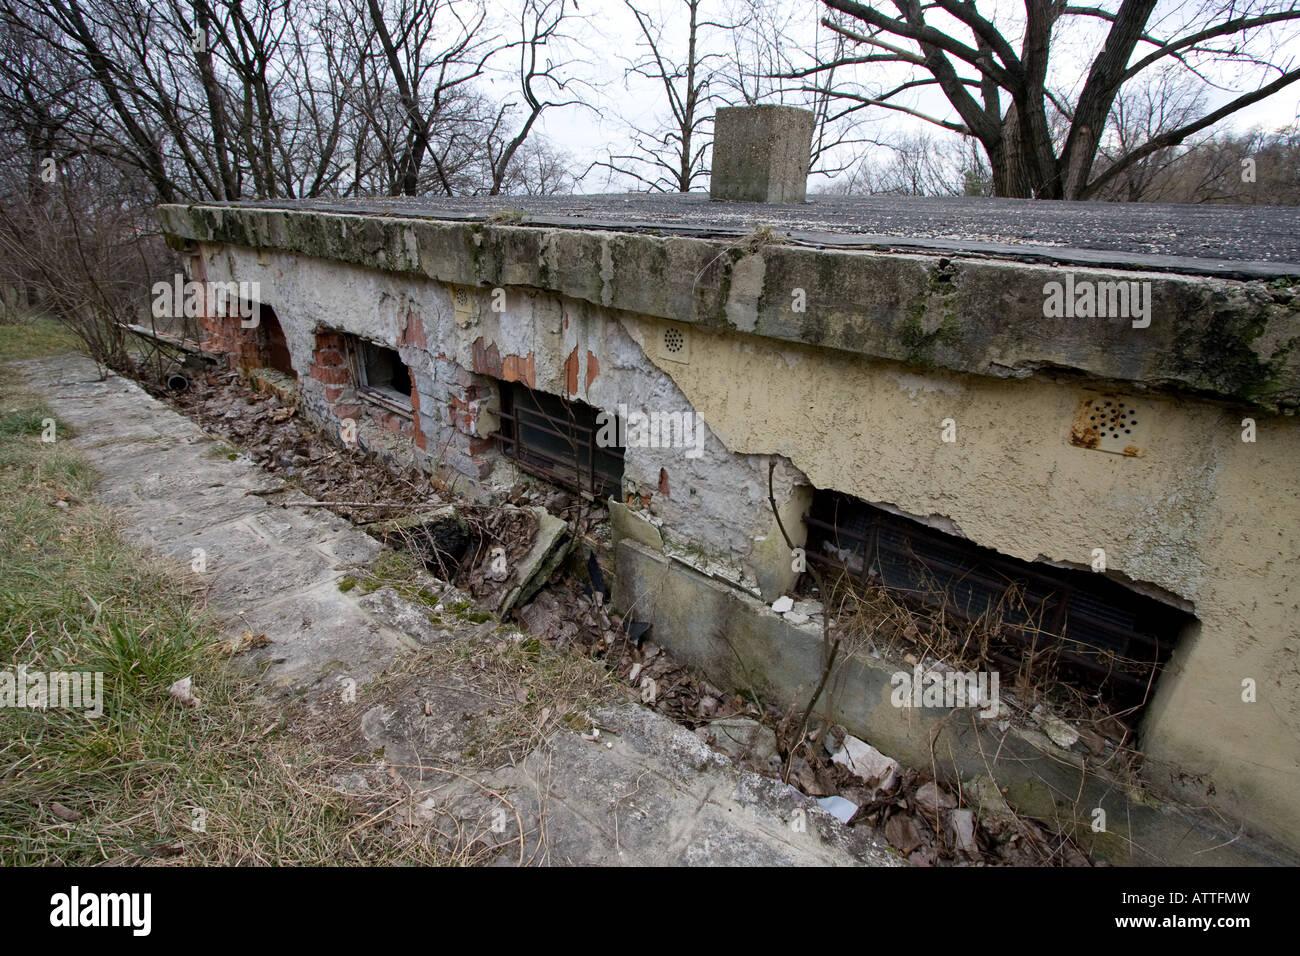 A run down decrepit building - Stock Image